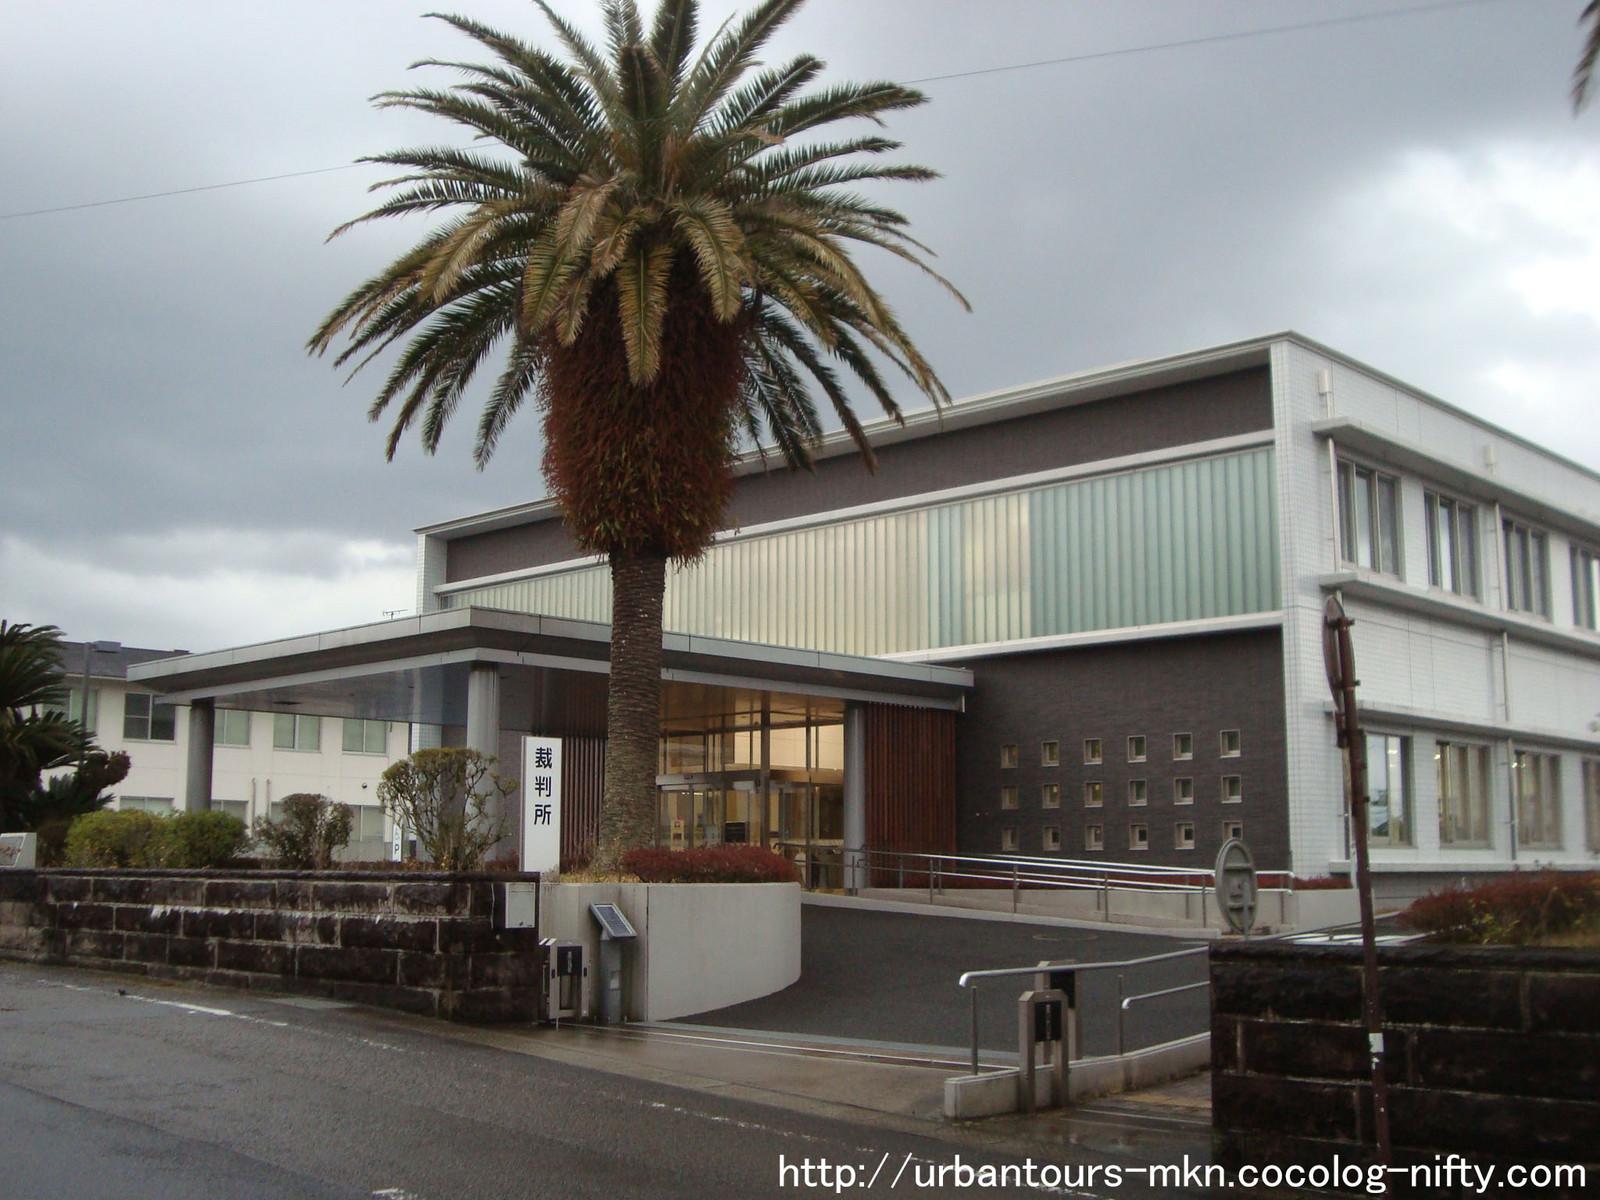 96-7 宮崎地方裁判所日南支部(宮崎県): URBAN TOURS